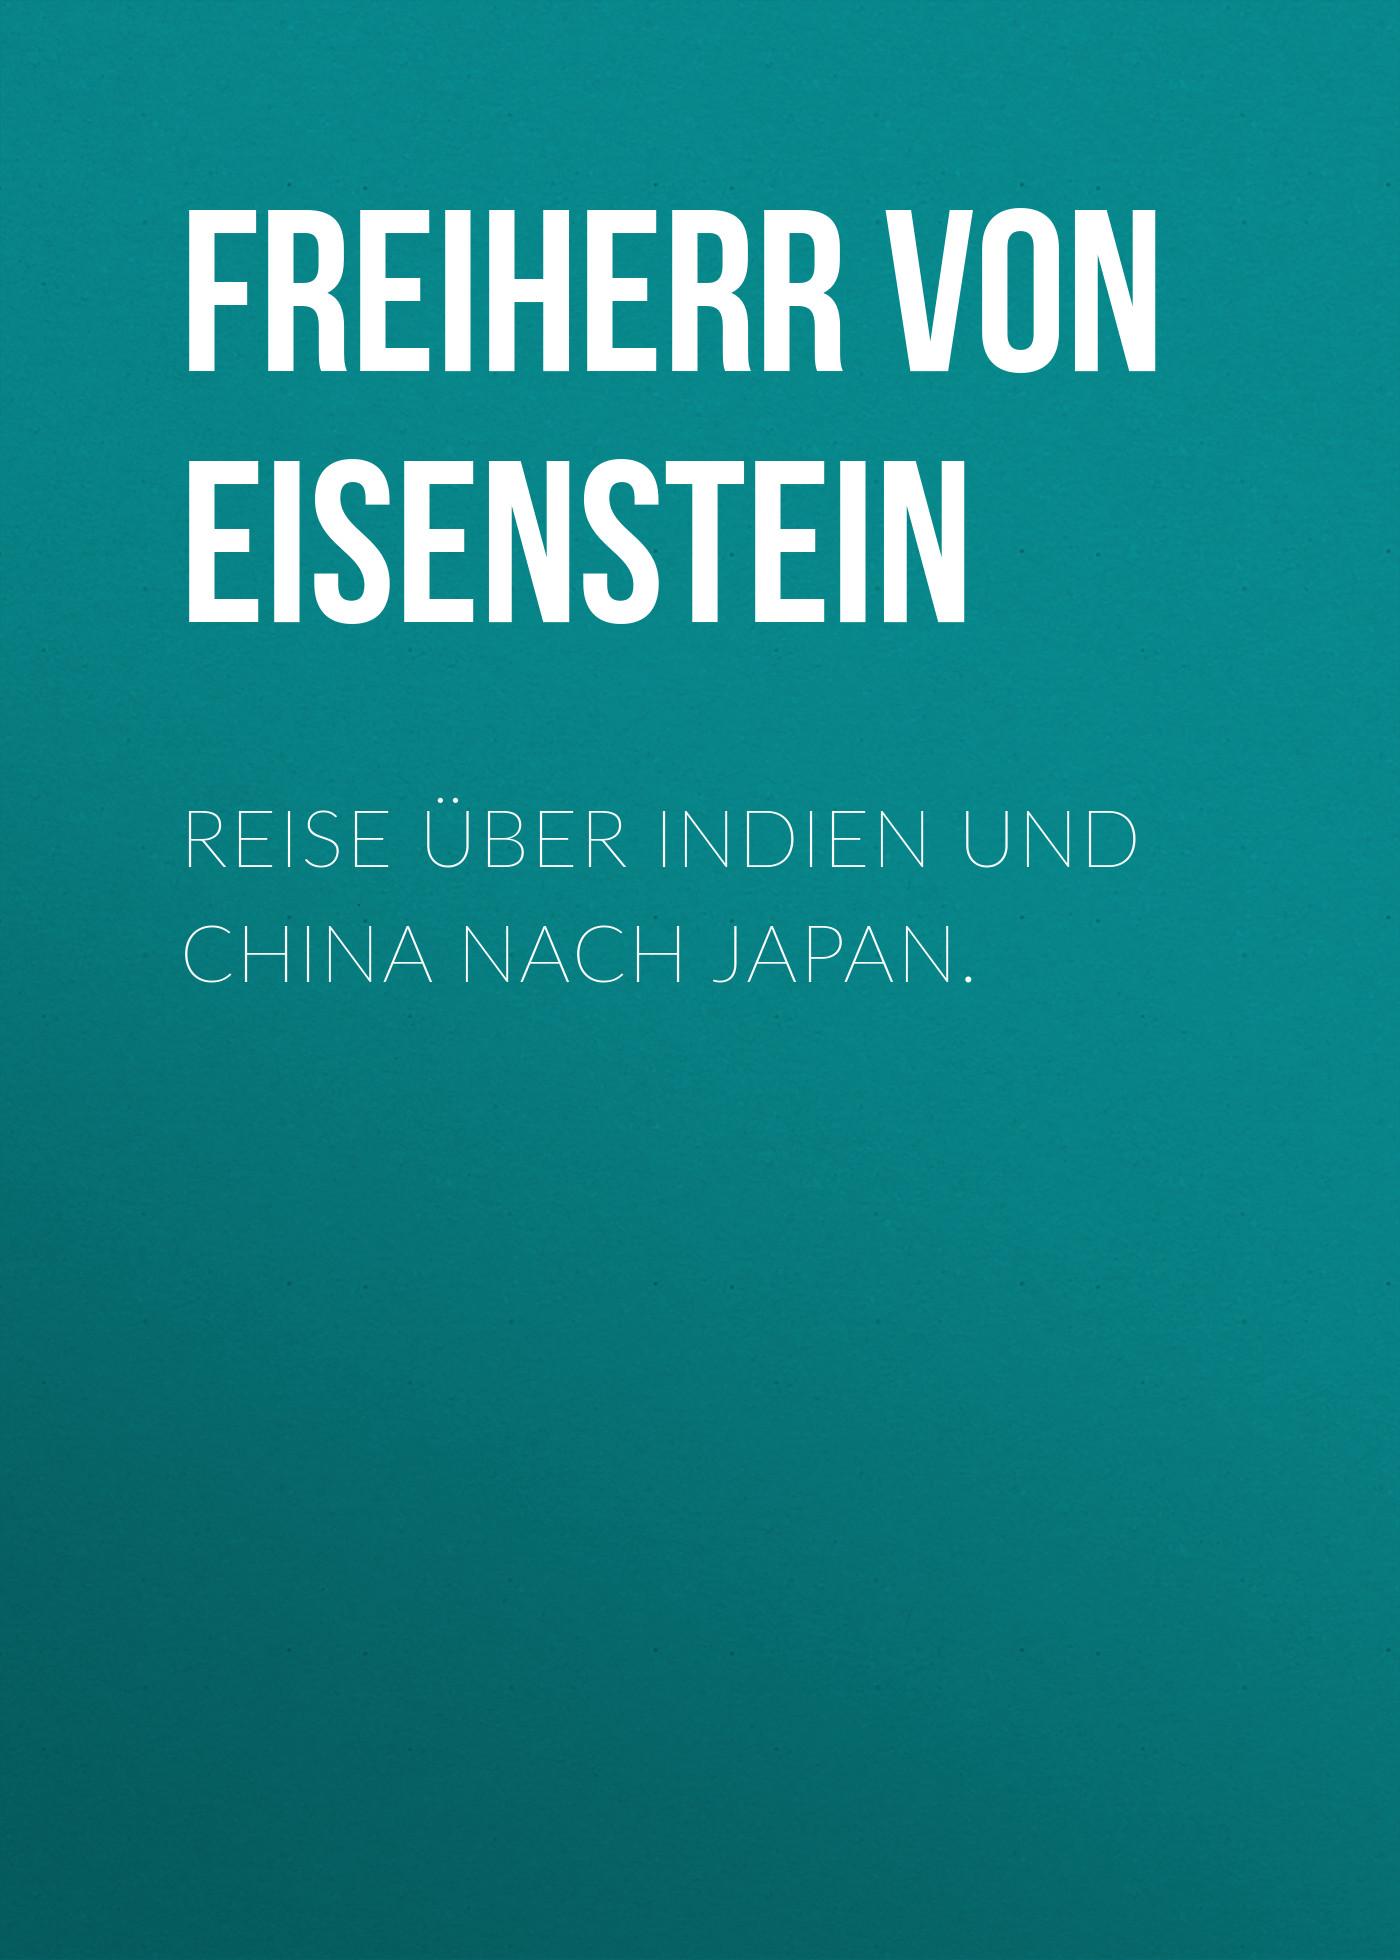 Freiherr von und zu Richard Eisenstein Reise über Indien und China nach Japan. moritz von kotzebue reise nach persien mit der russisch kais